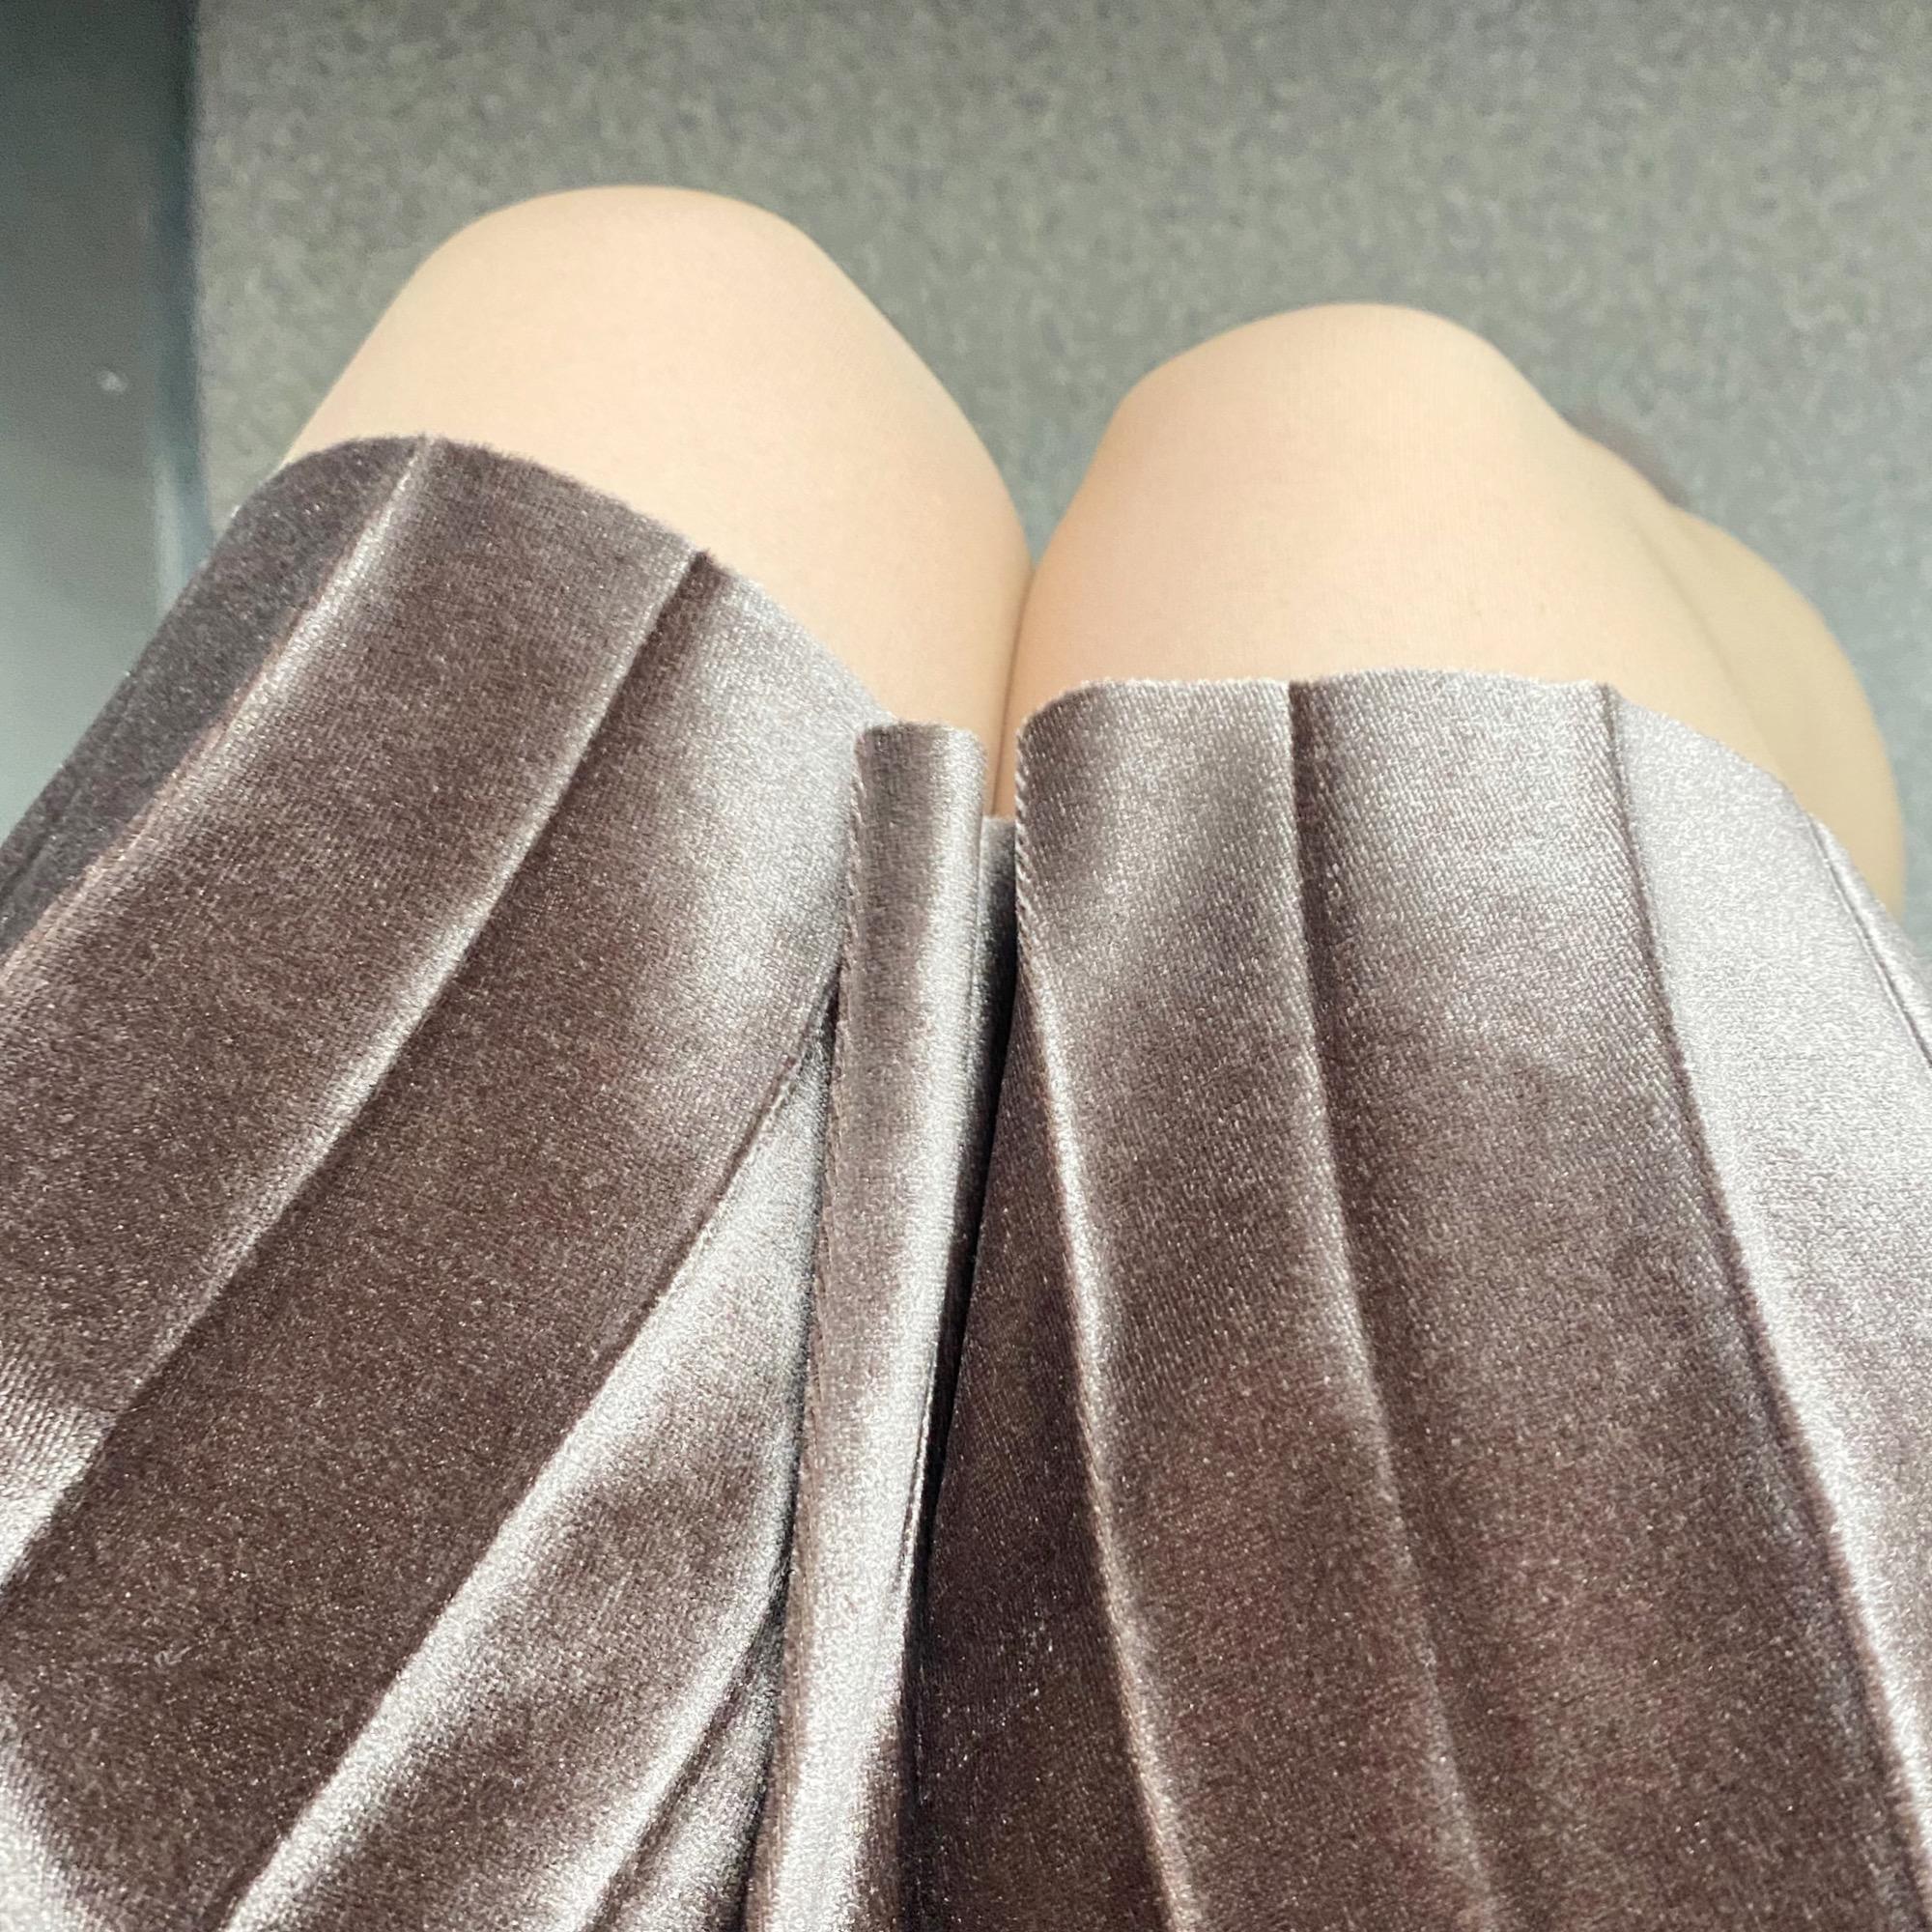 「お礼♡」03/12(03/12) 18:26   安西えりこの写メ・風俗動画